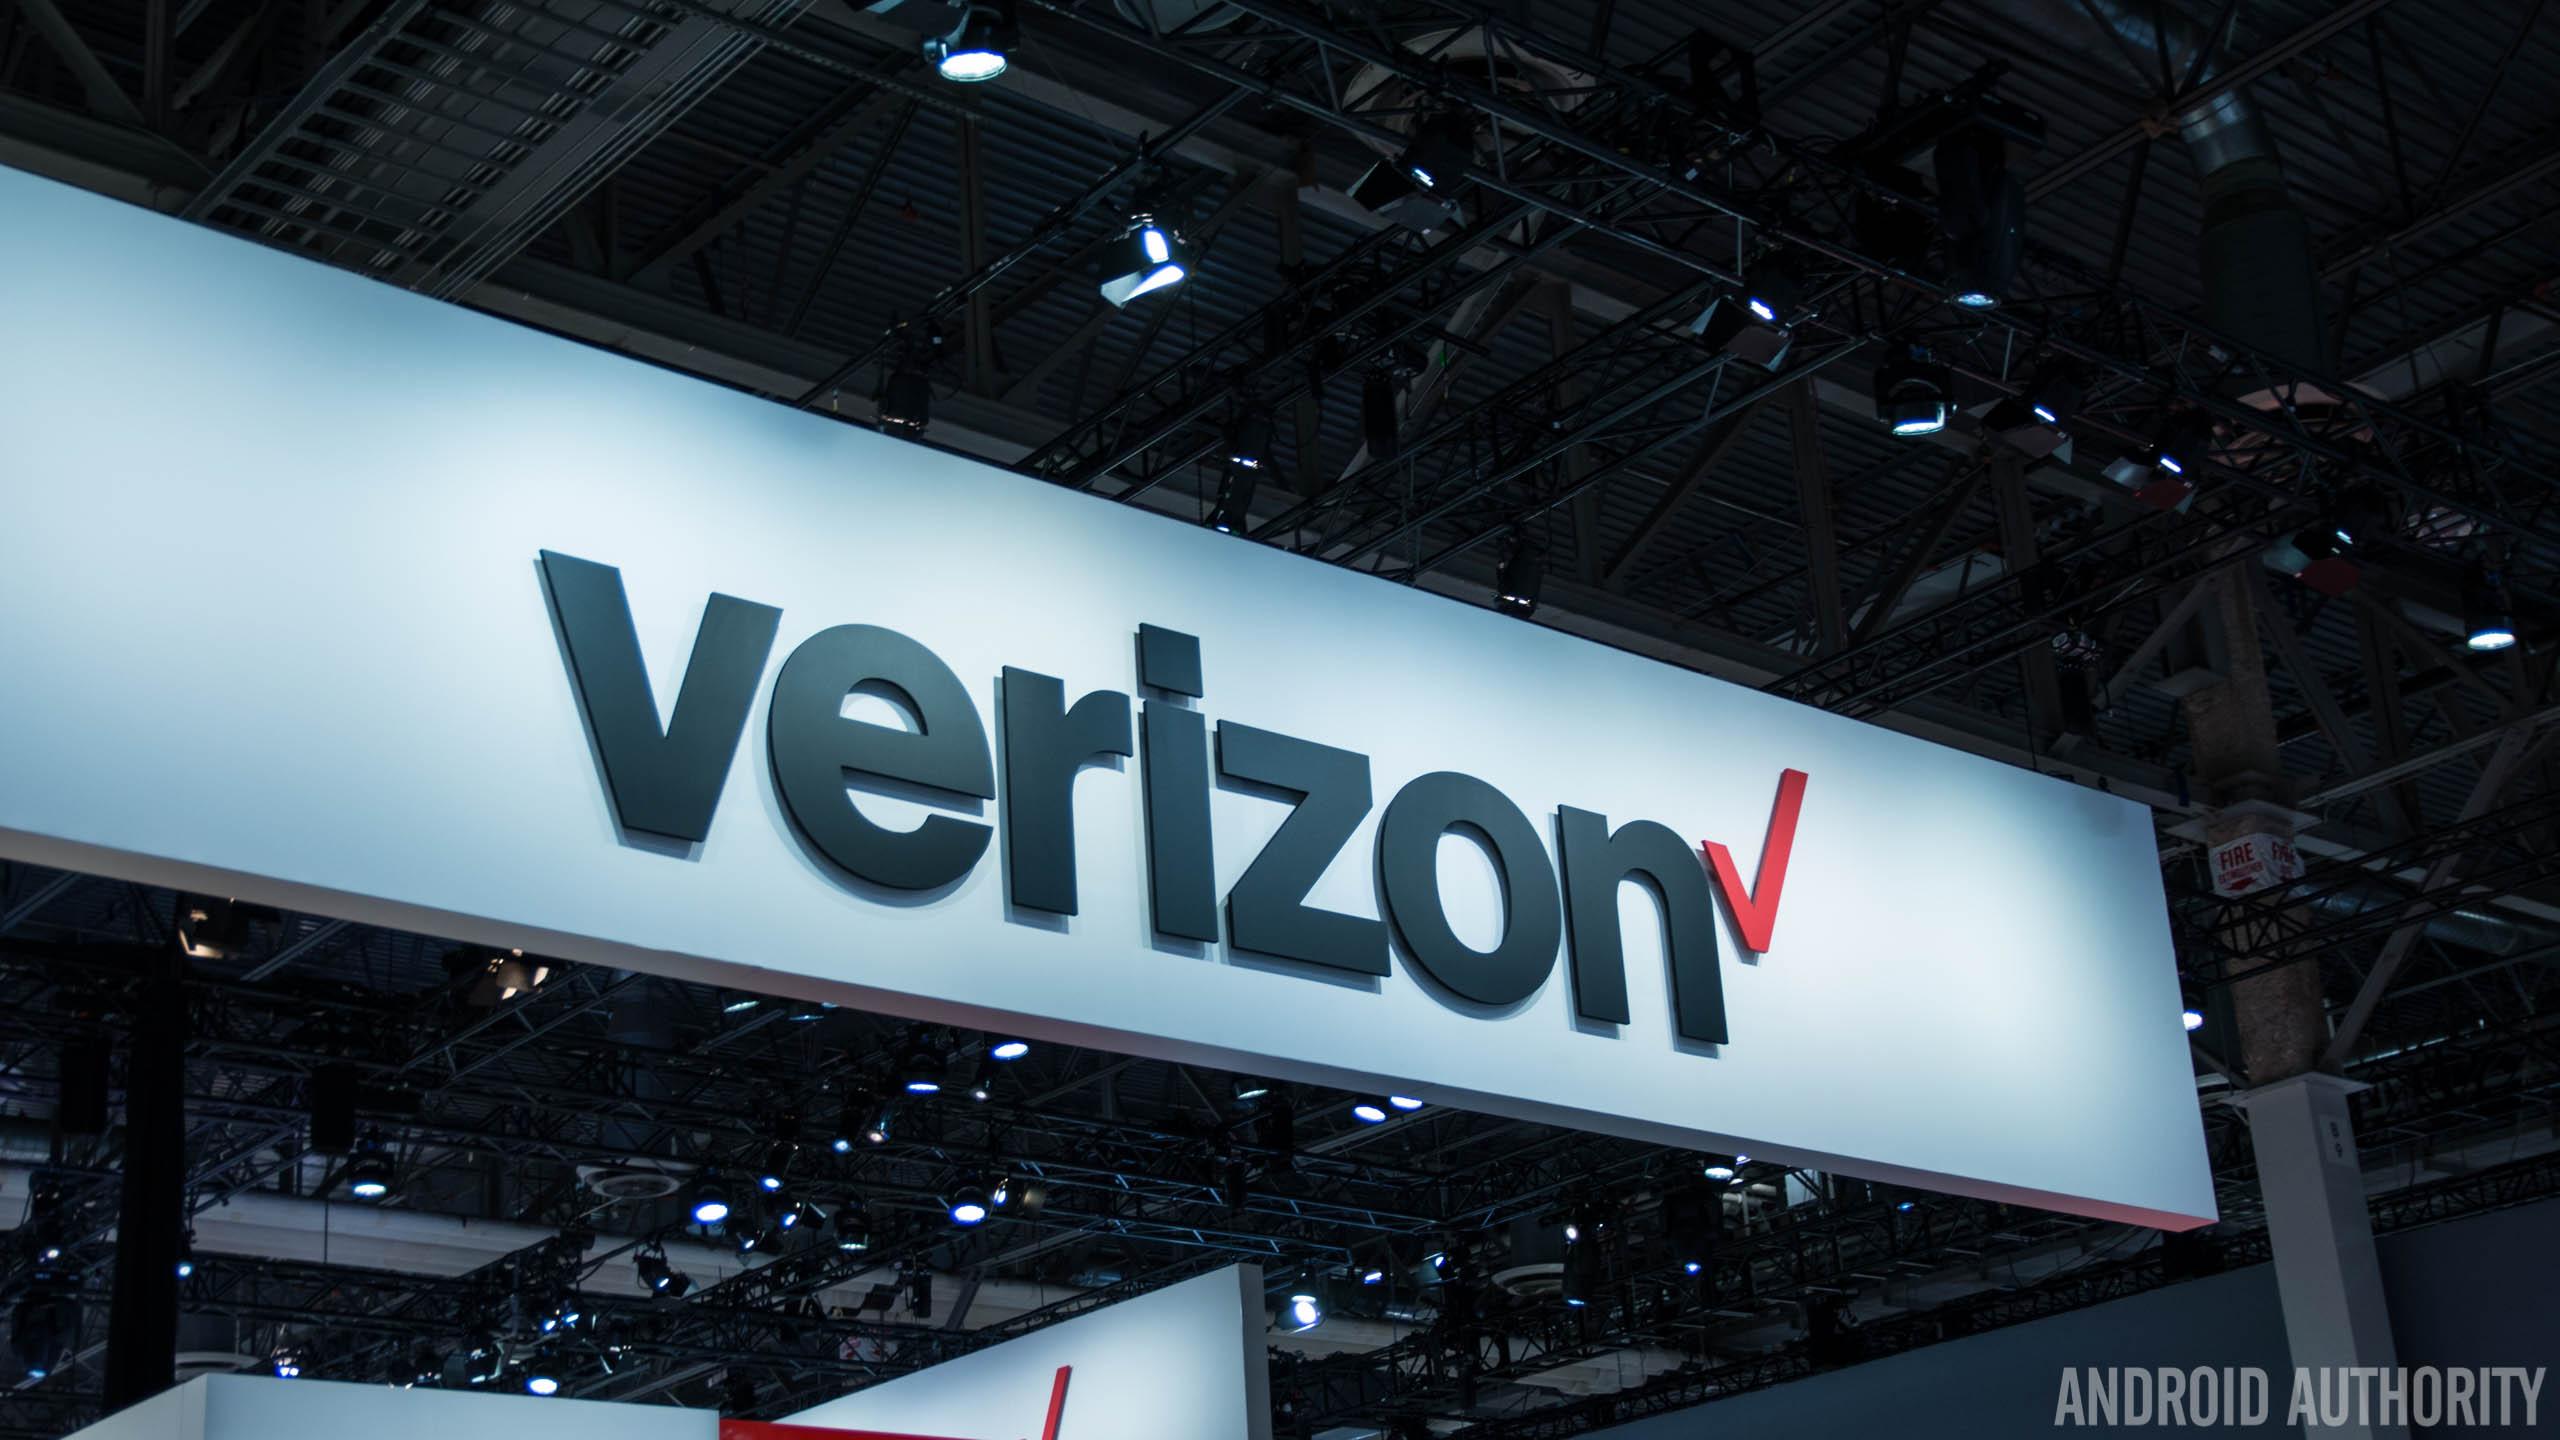 Free Verizon Cell Phone Wallpaper - WallpaperSafari